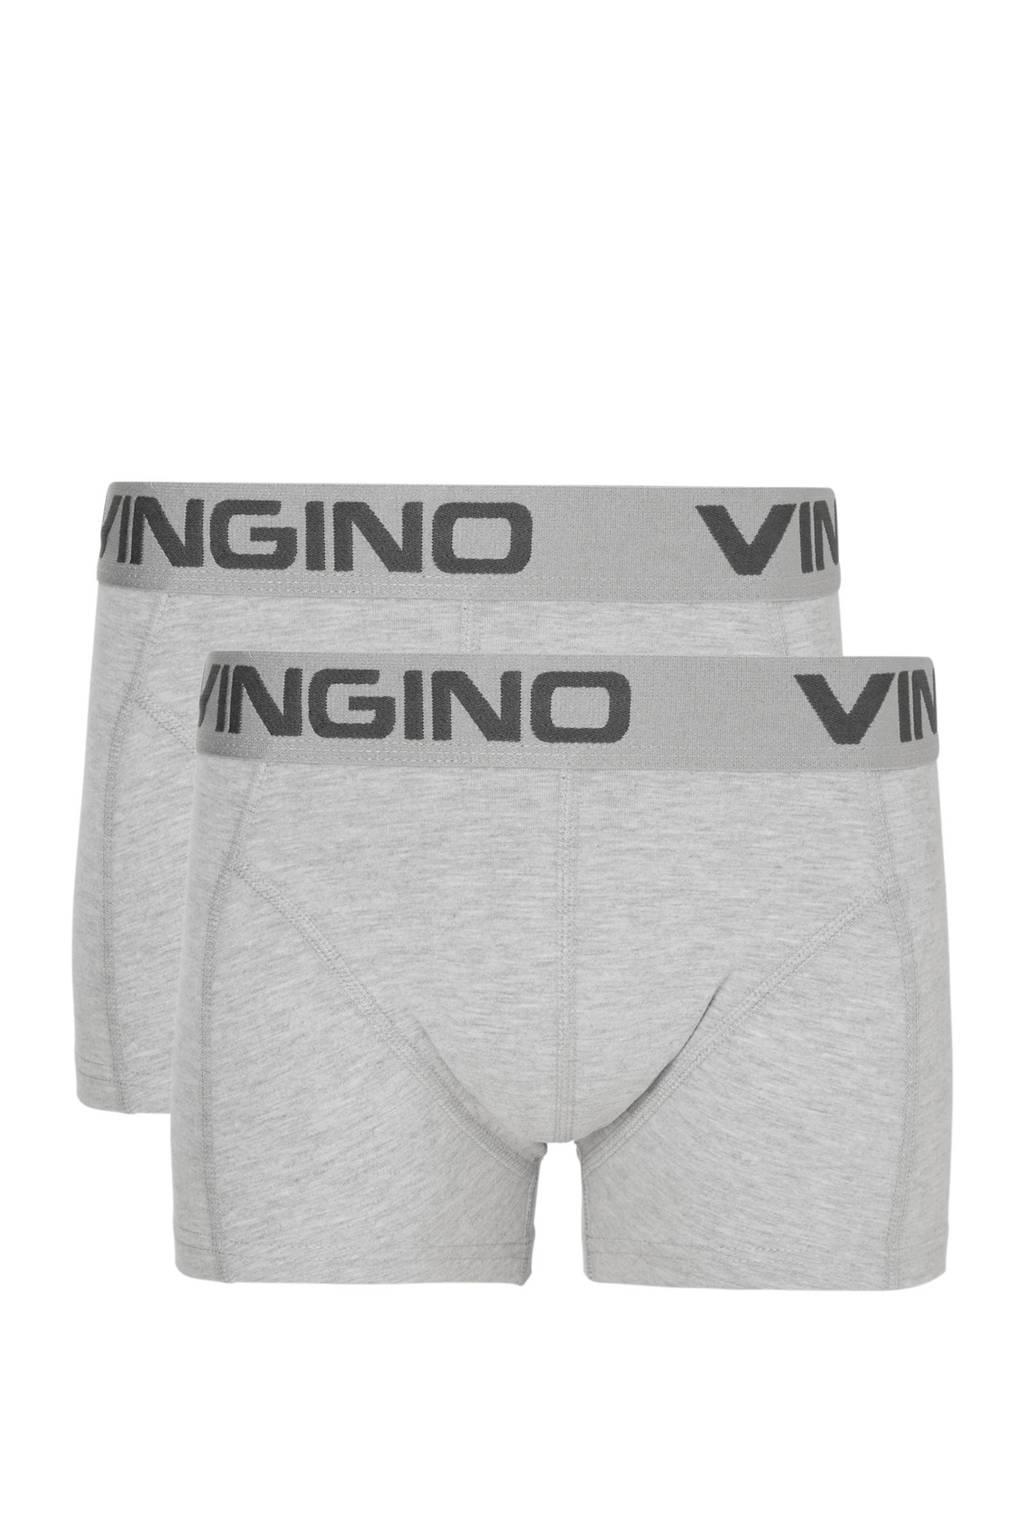 Vingino   boxershort - set van 2 grijs melange, Grijs melange